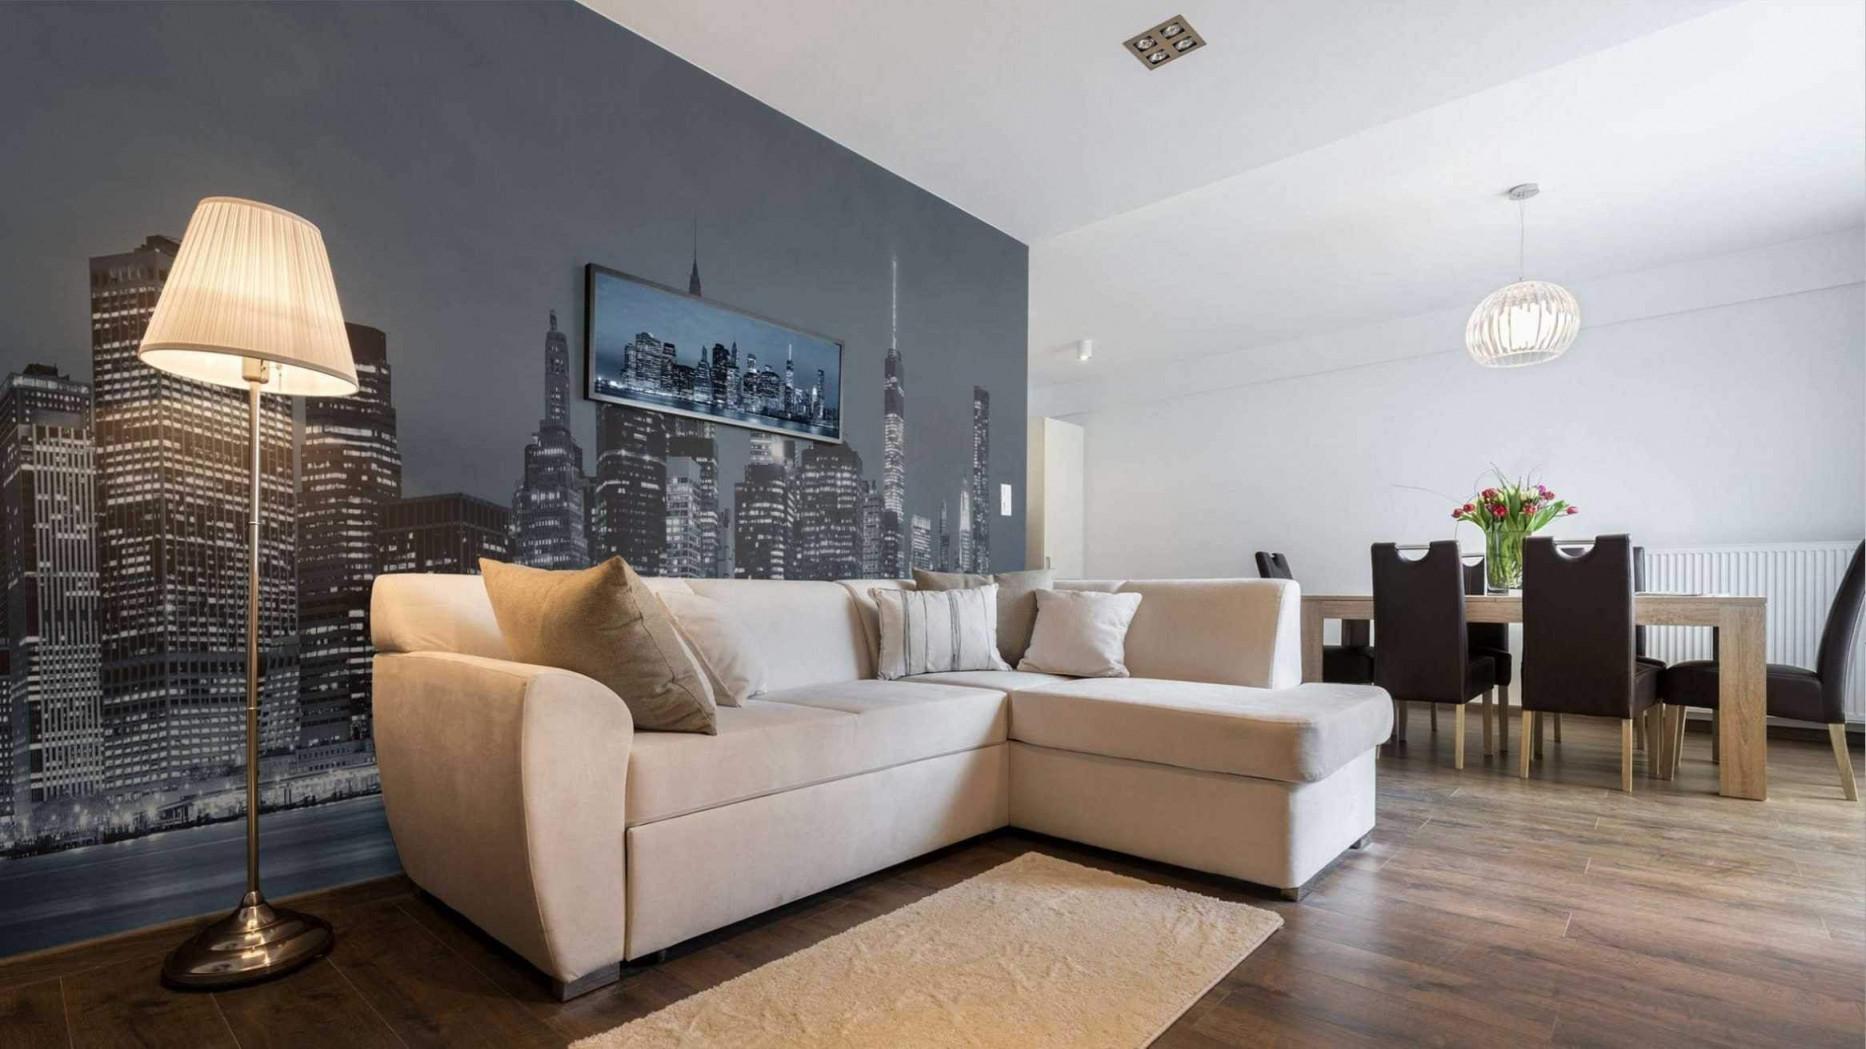 34 Einzigartig Wandfarben Ideen Wohnzimmer Schön von Wohnzimmer Wandfarbe Ideen Bild